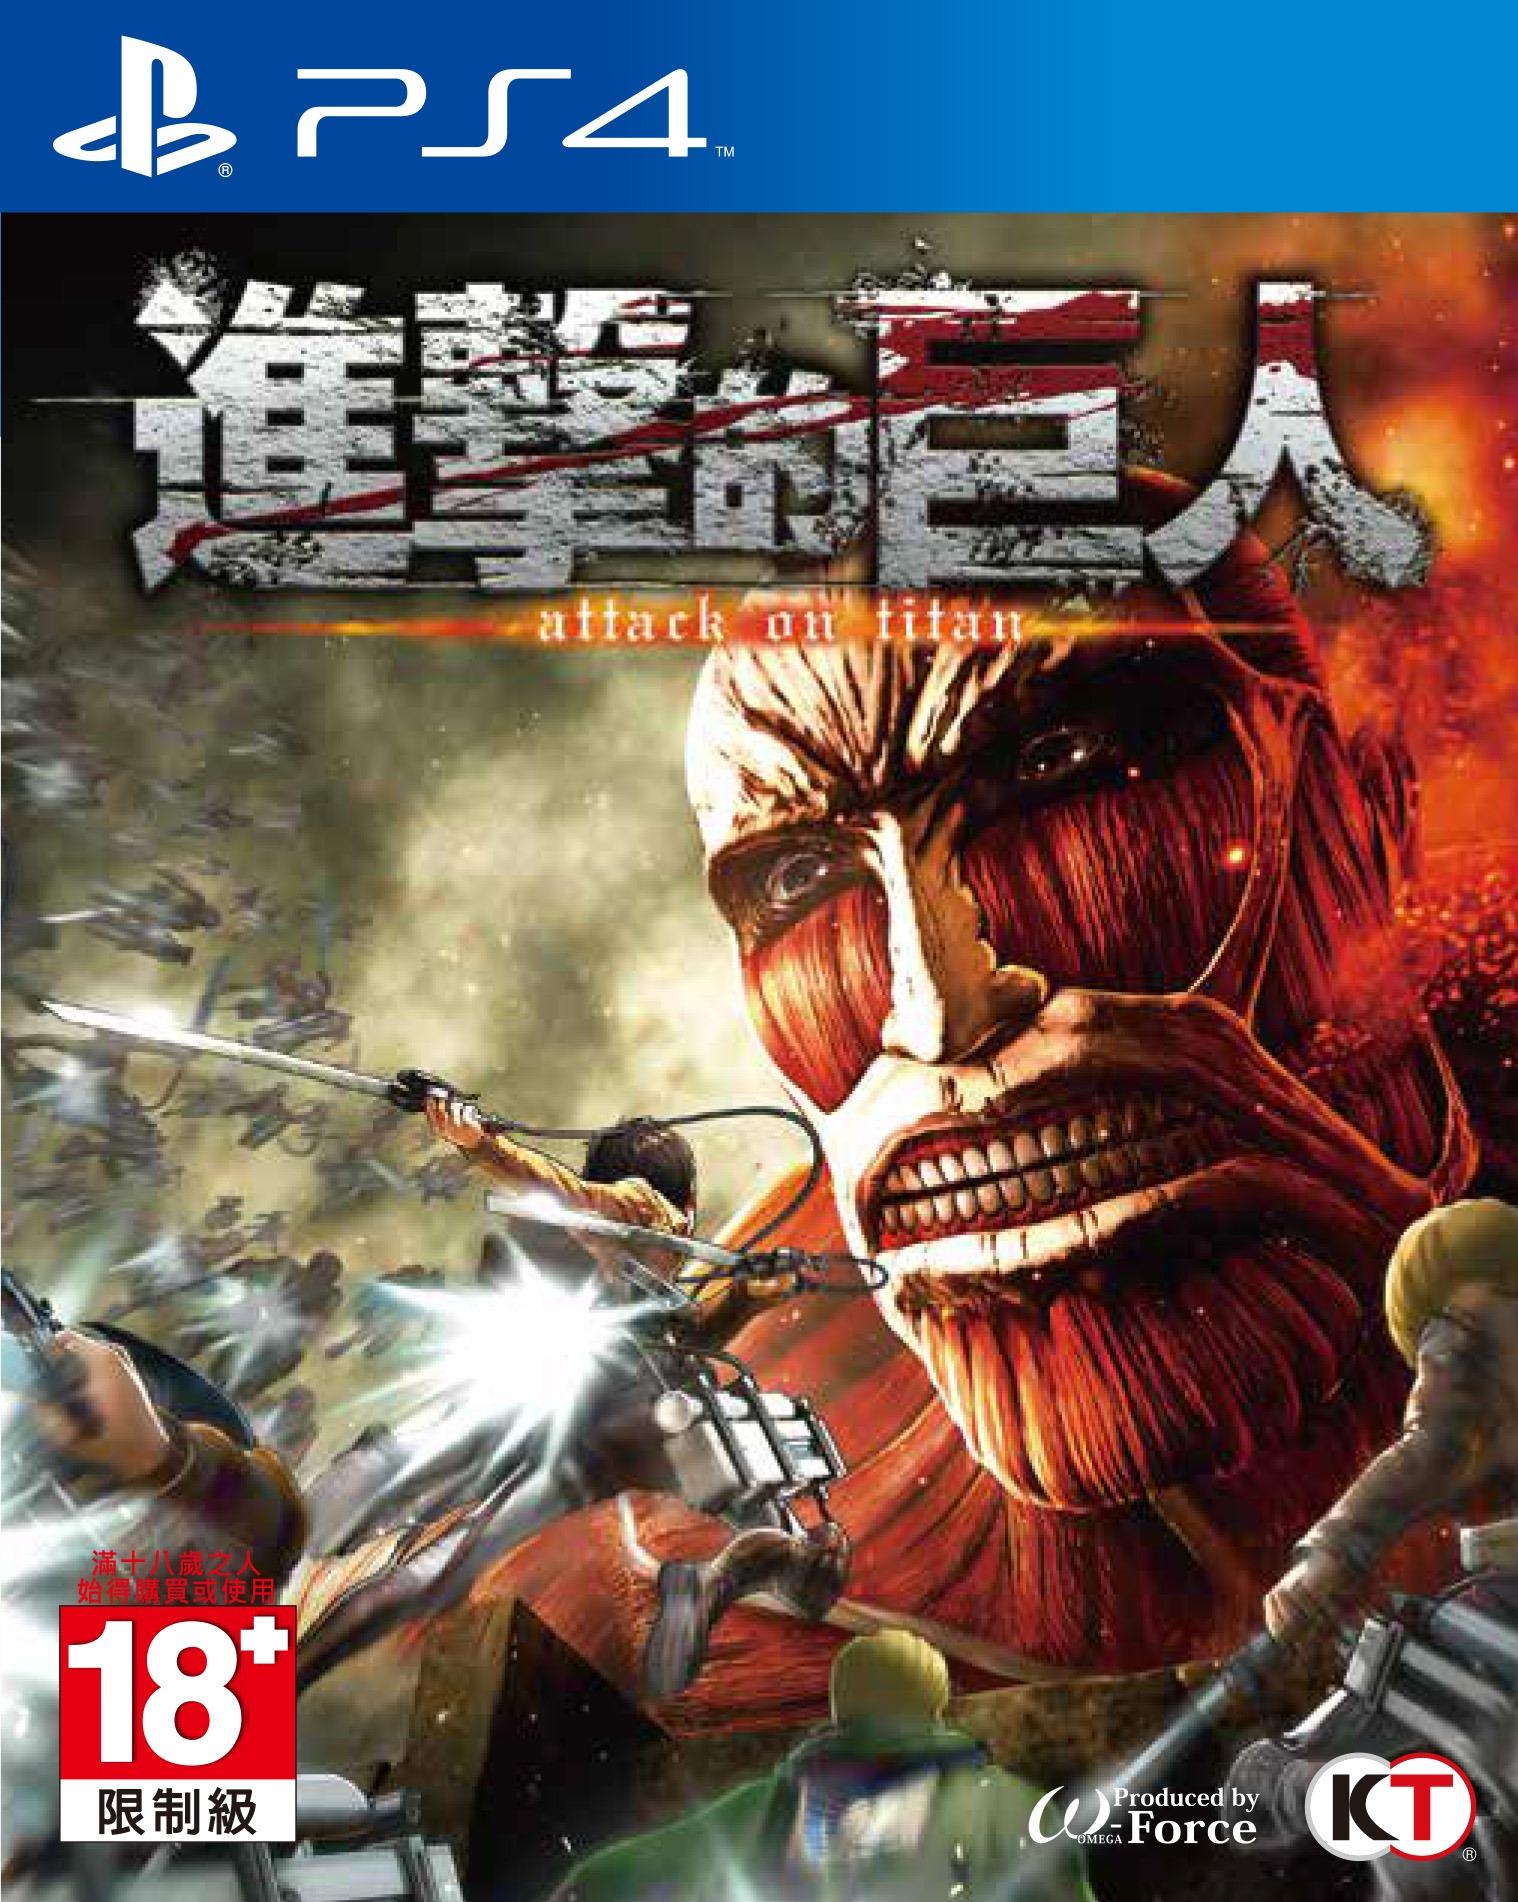 現貨供應中  亞洲中文版 含特典擦拭布+下載卡   [限制級] PS4 進擊的巨人